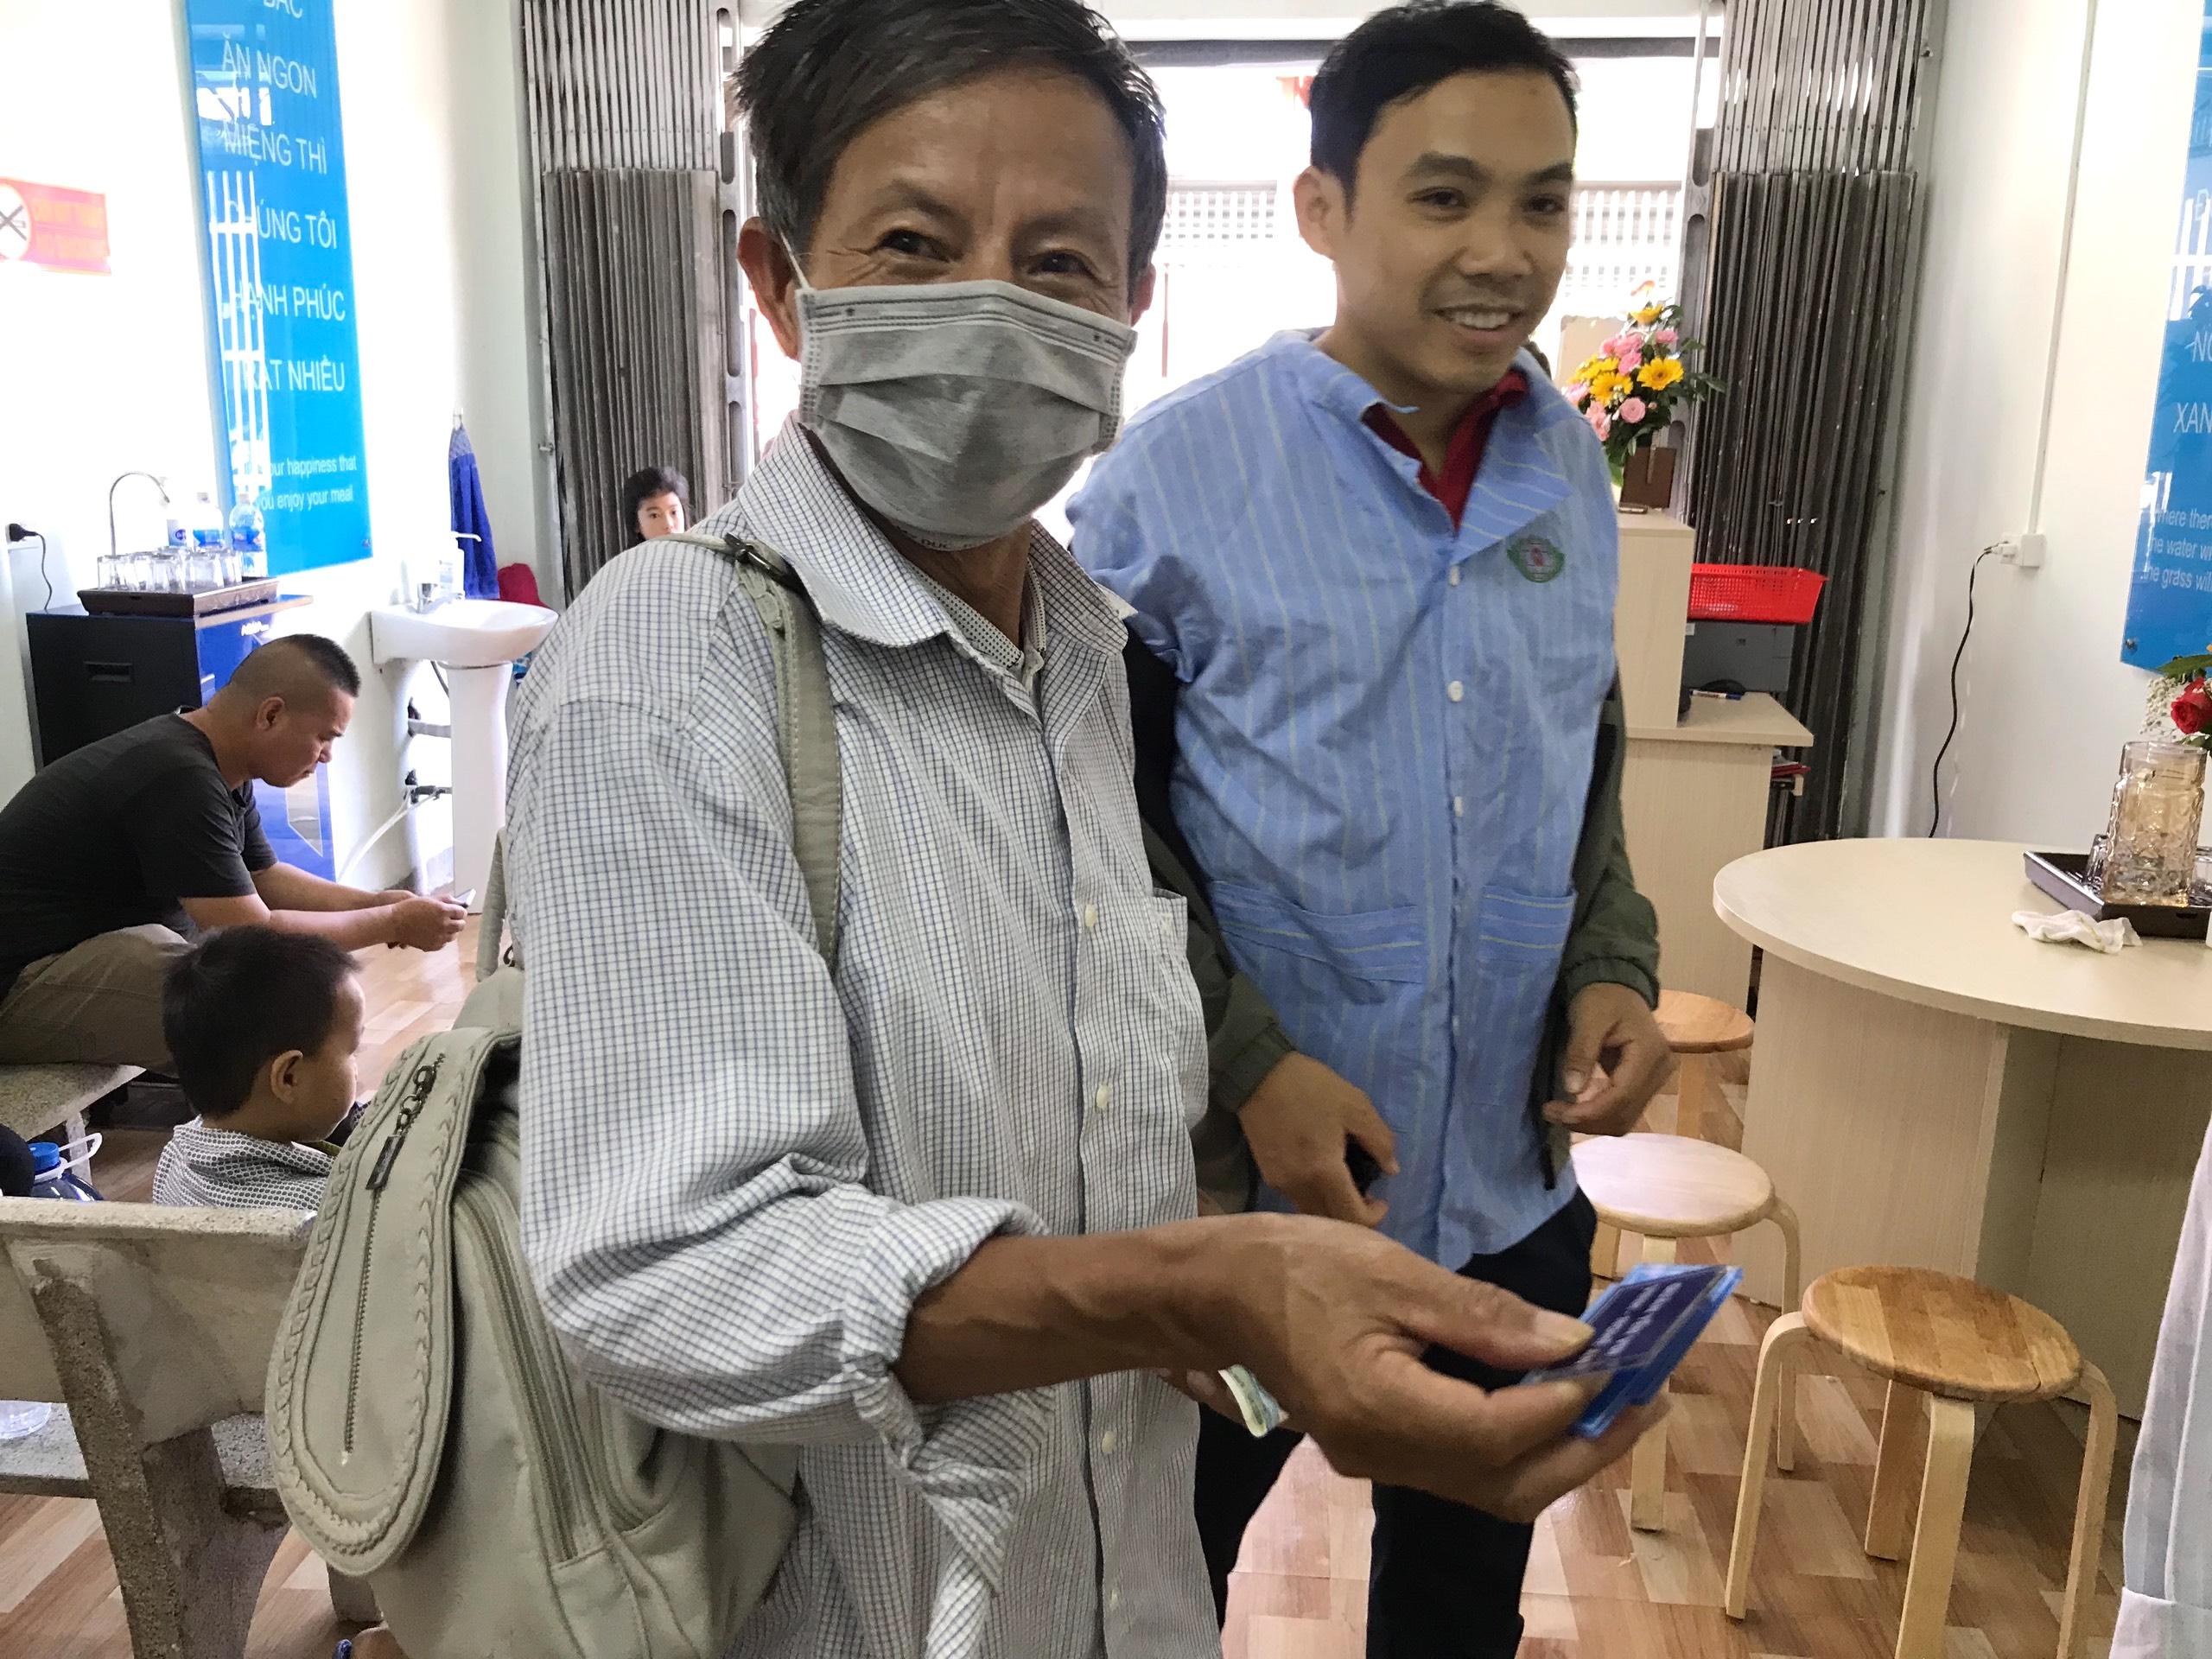 Quán cơm 2000 đồng đầu tiên ở Nghệ An: Ai không có tiền vẫn mời họ vào ăn - Ảnh 18.